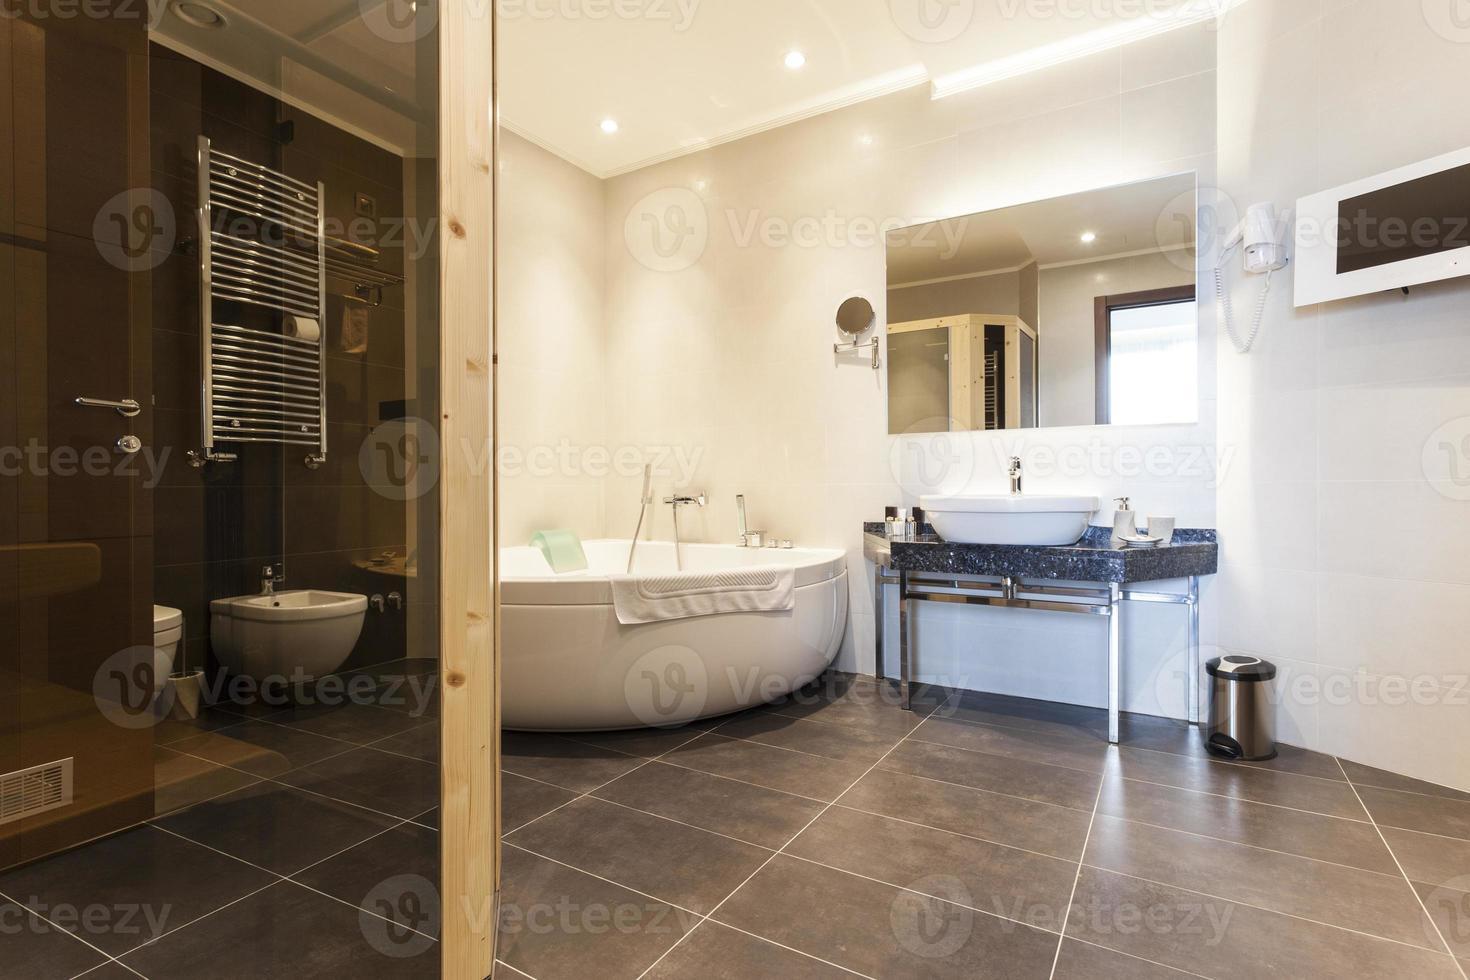 intérieur d'une salle de bain spacieuse et moderne photo